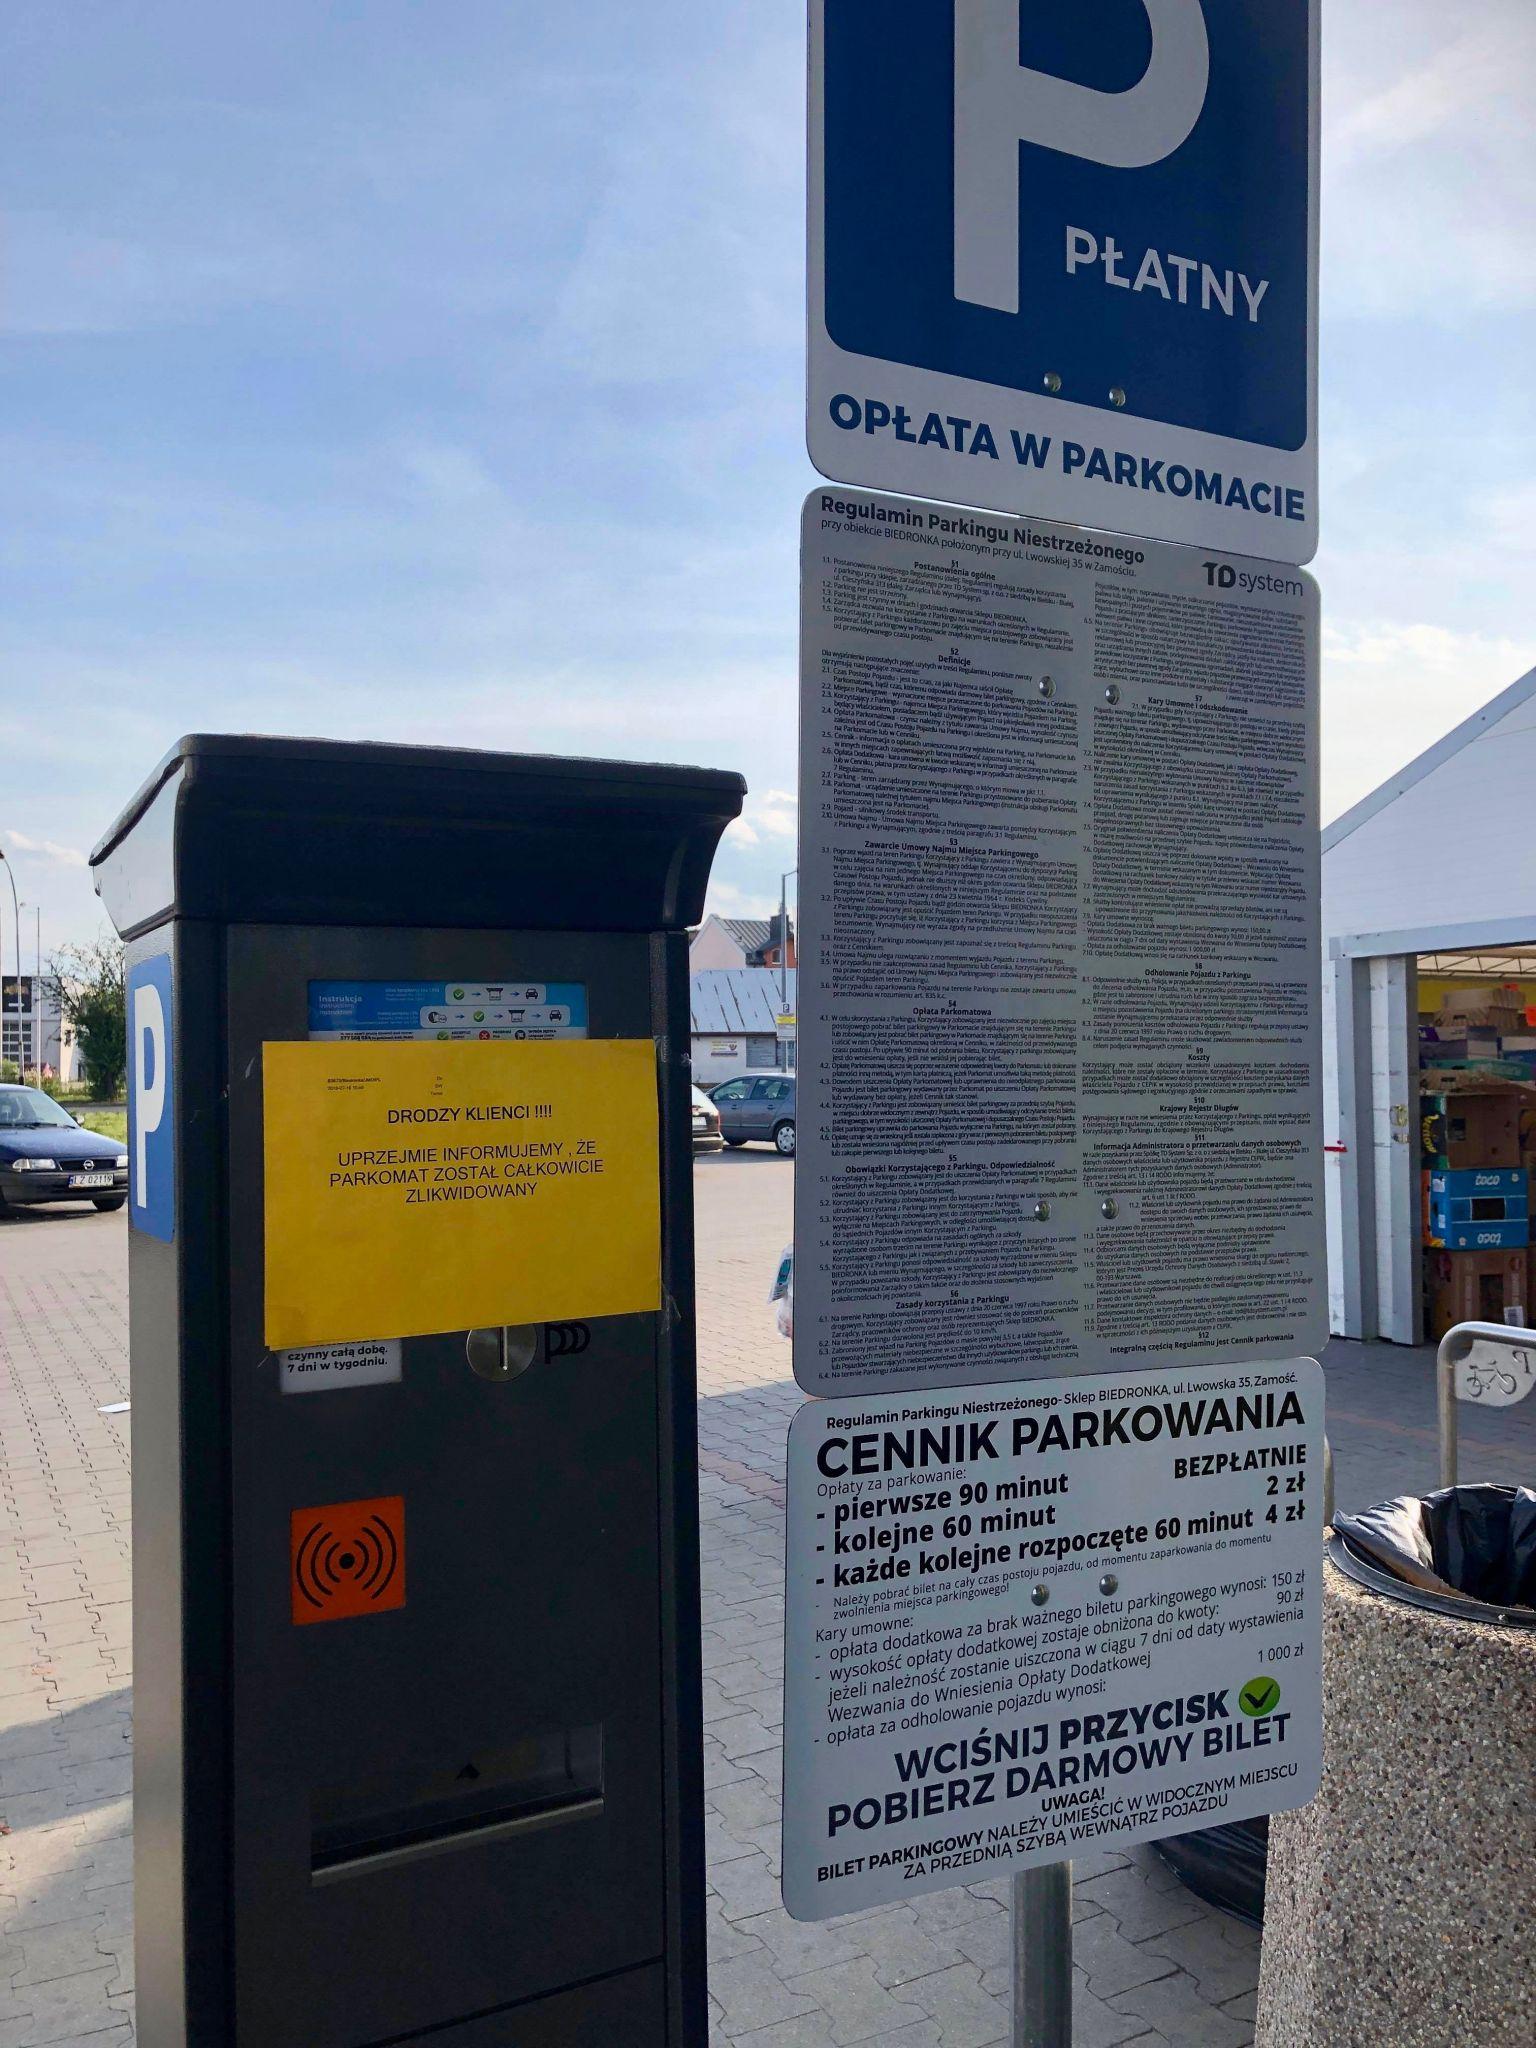 67307831 934922426847451 7982176829622452224 n Koniec kontrowersyjnego parkowania przy Biedronce